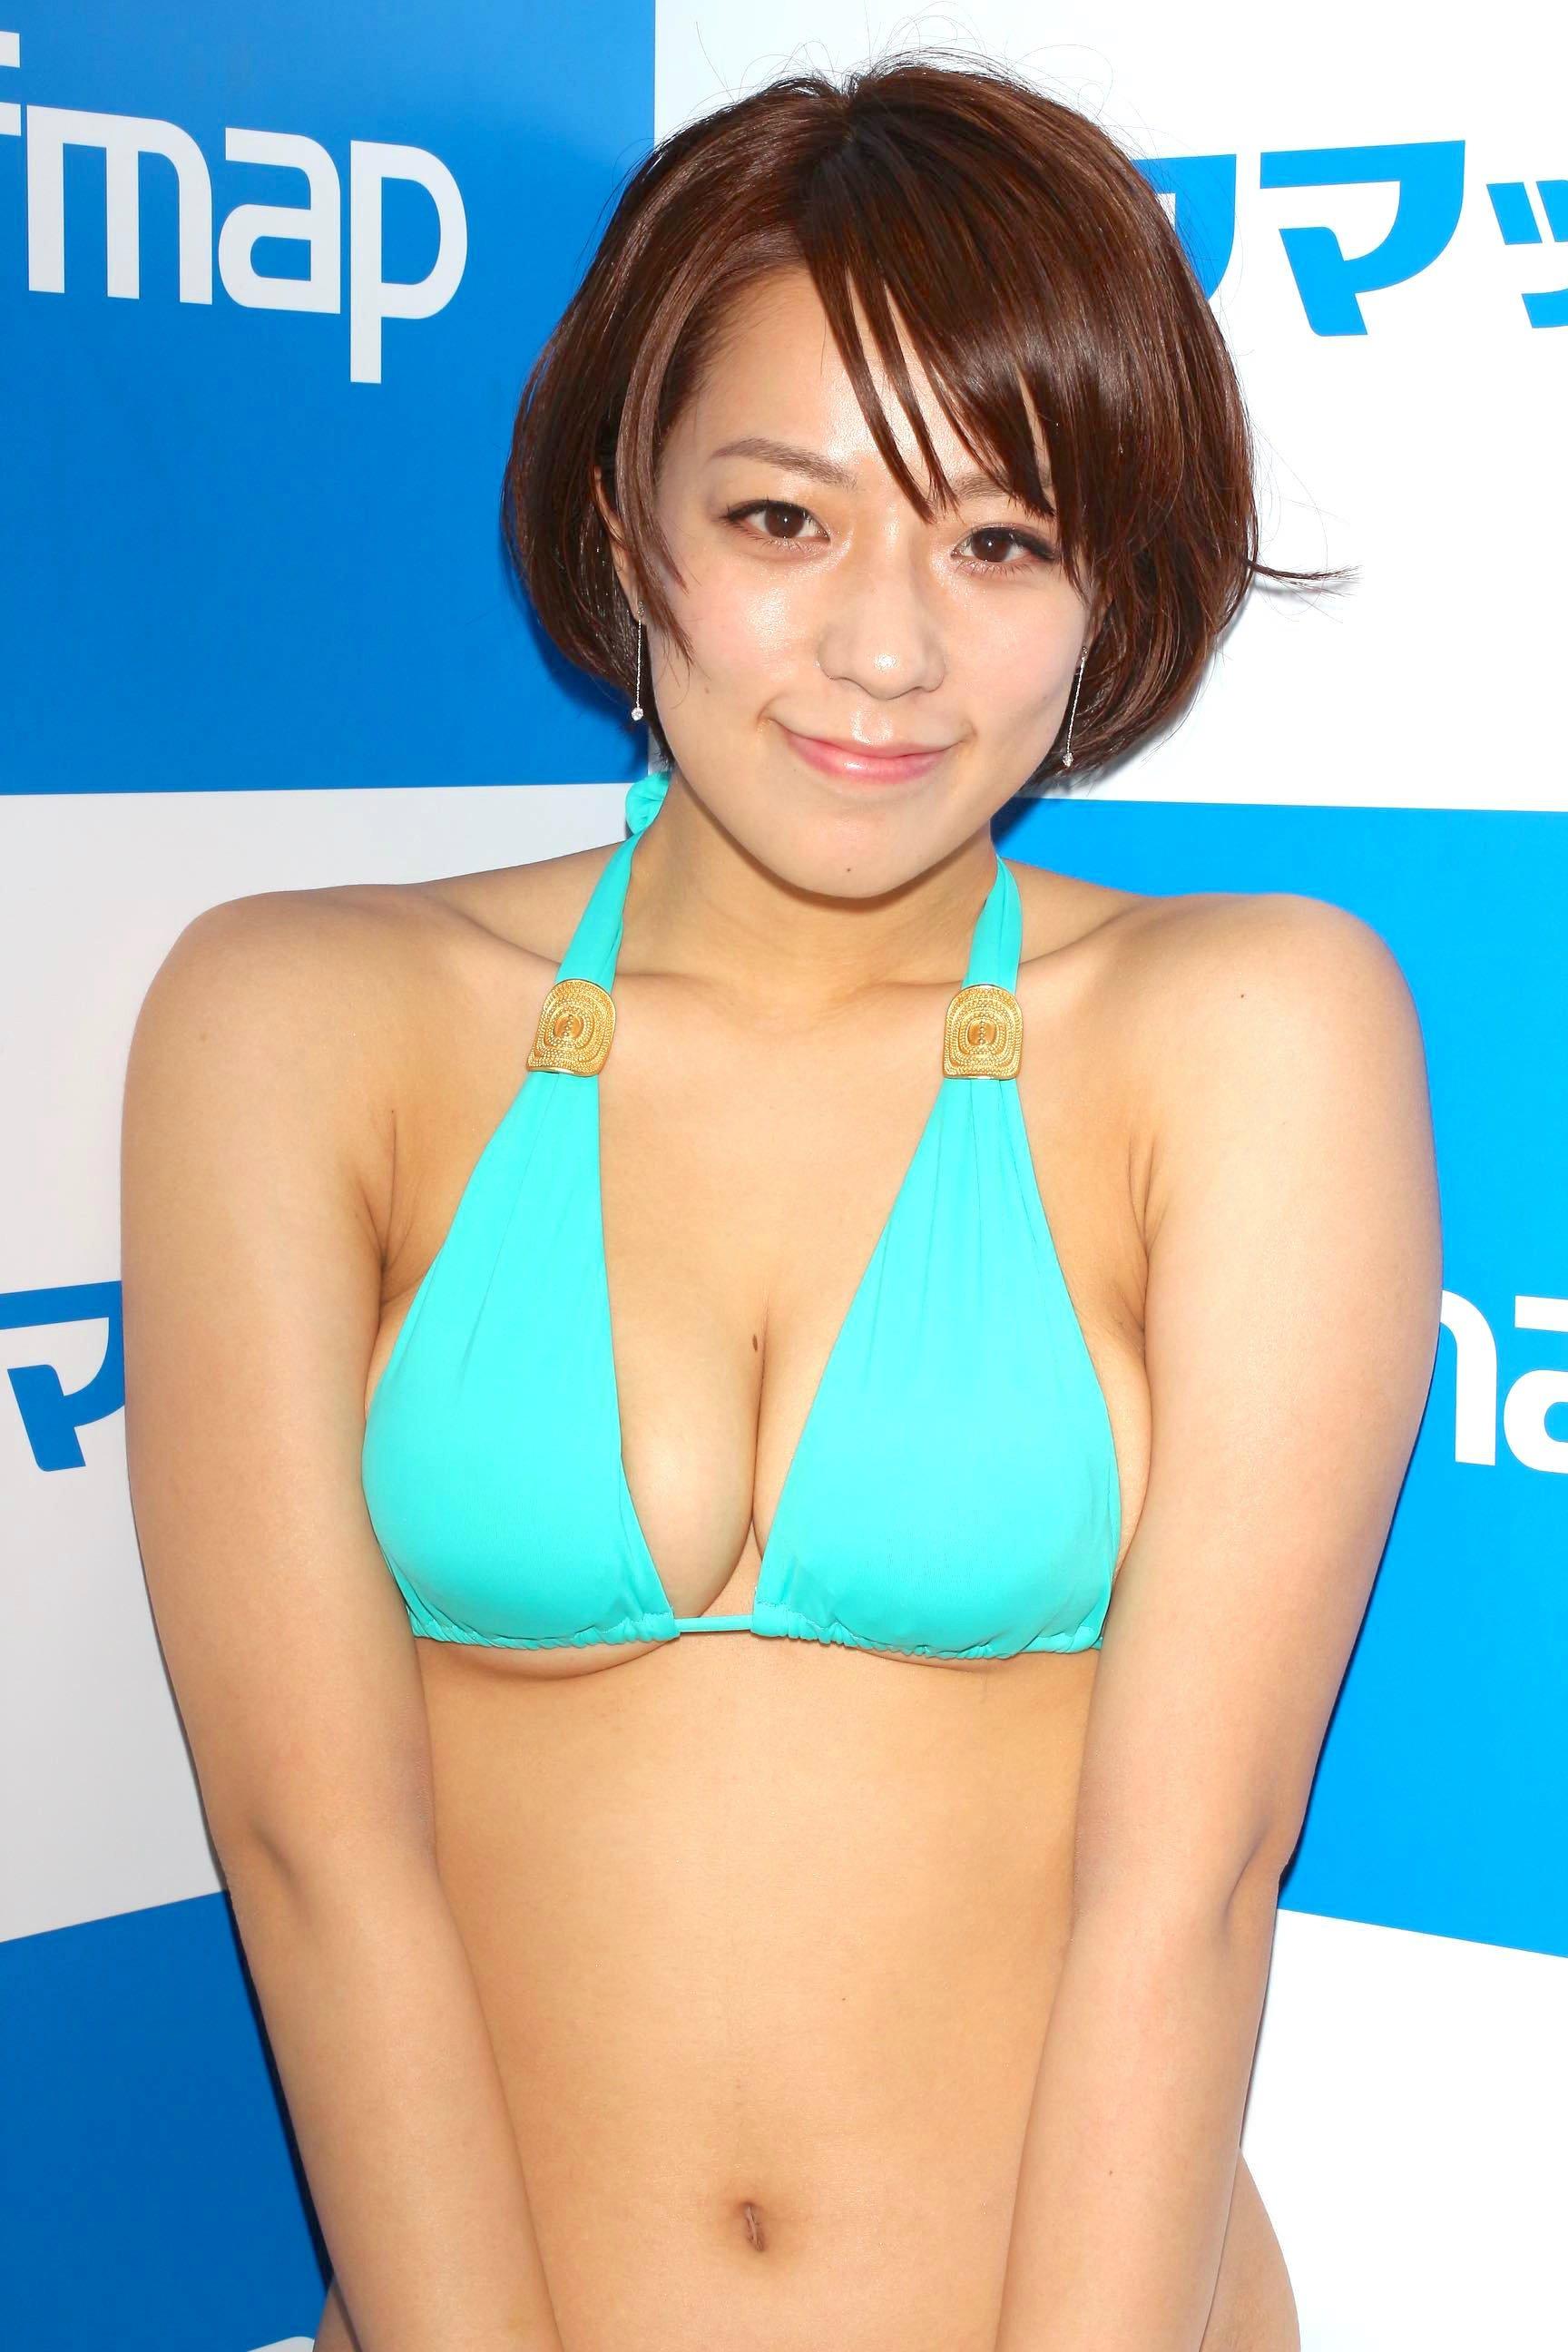 小瀬田麻由「ハァハァしちゃった」テラハ美女がビキニで悶絶!【写真22枚】の画像006